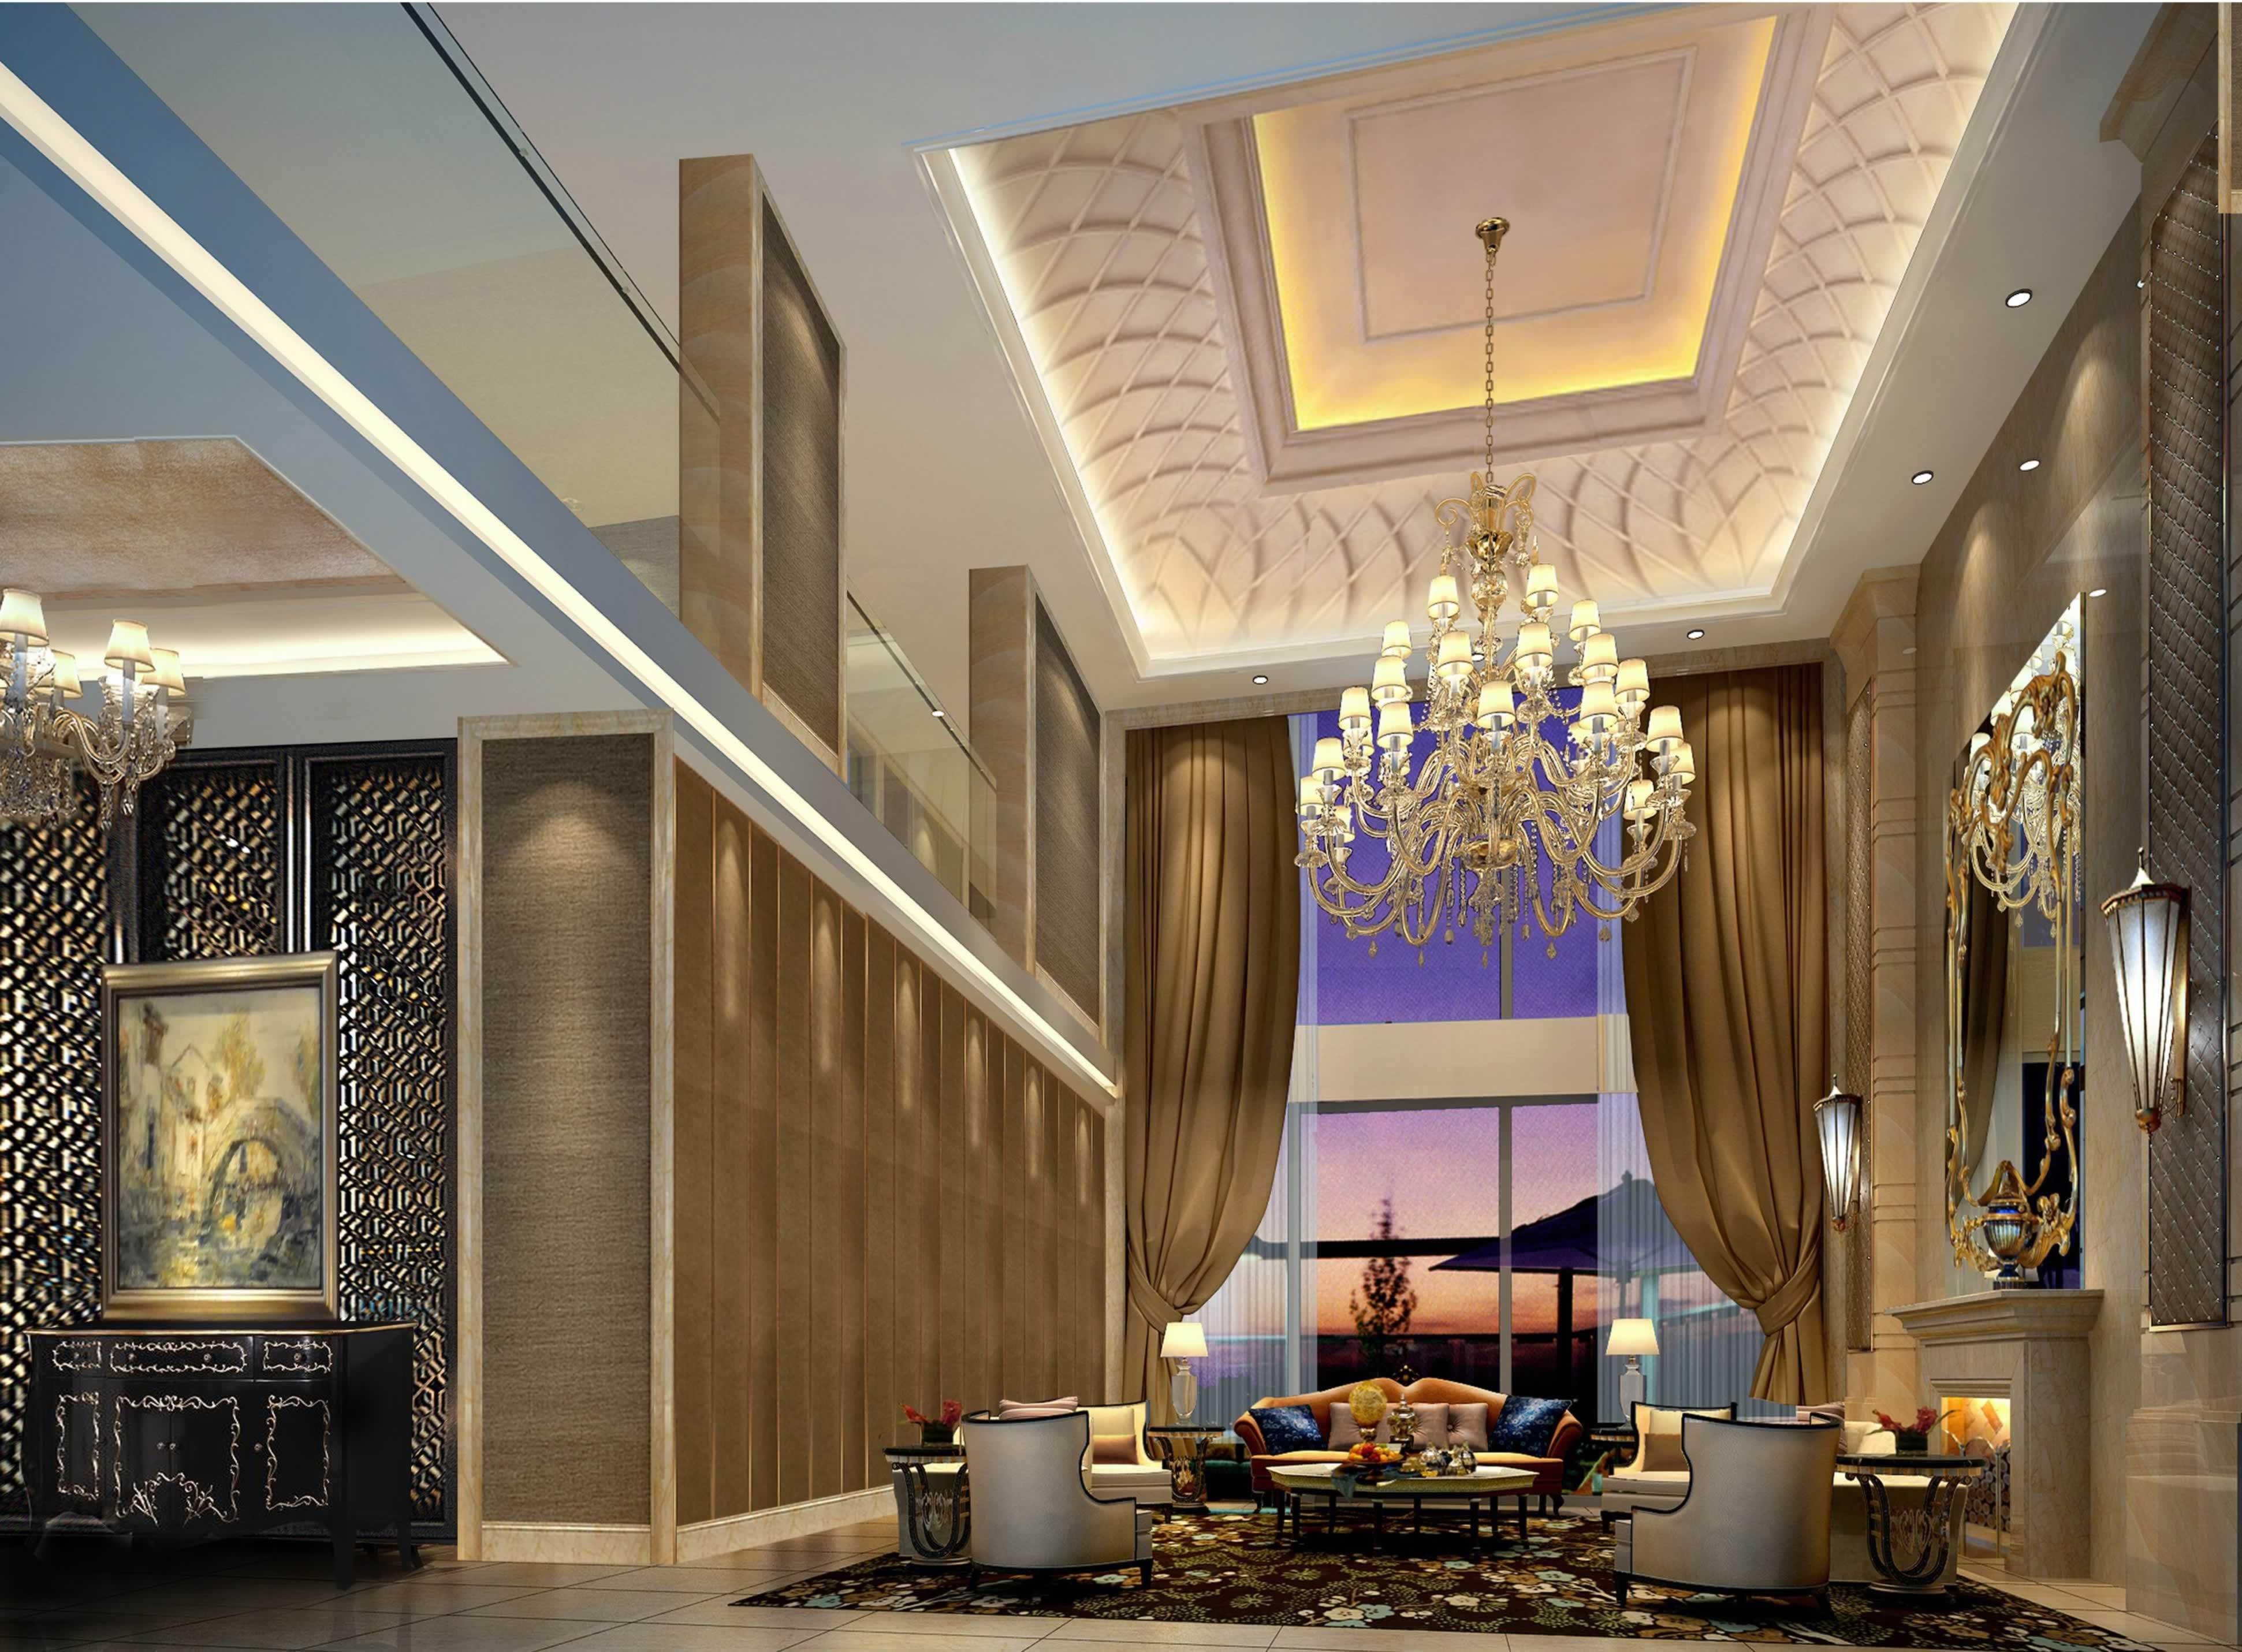 美式别墅挑高客厅效果图 - 装修效果图 - 九正家居网图片